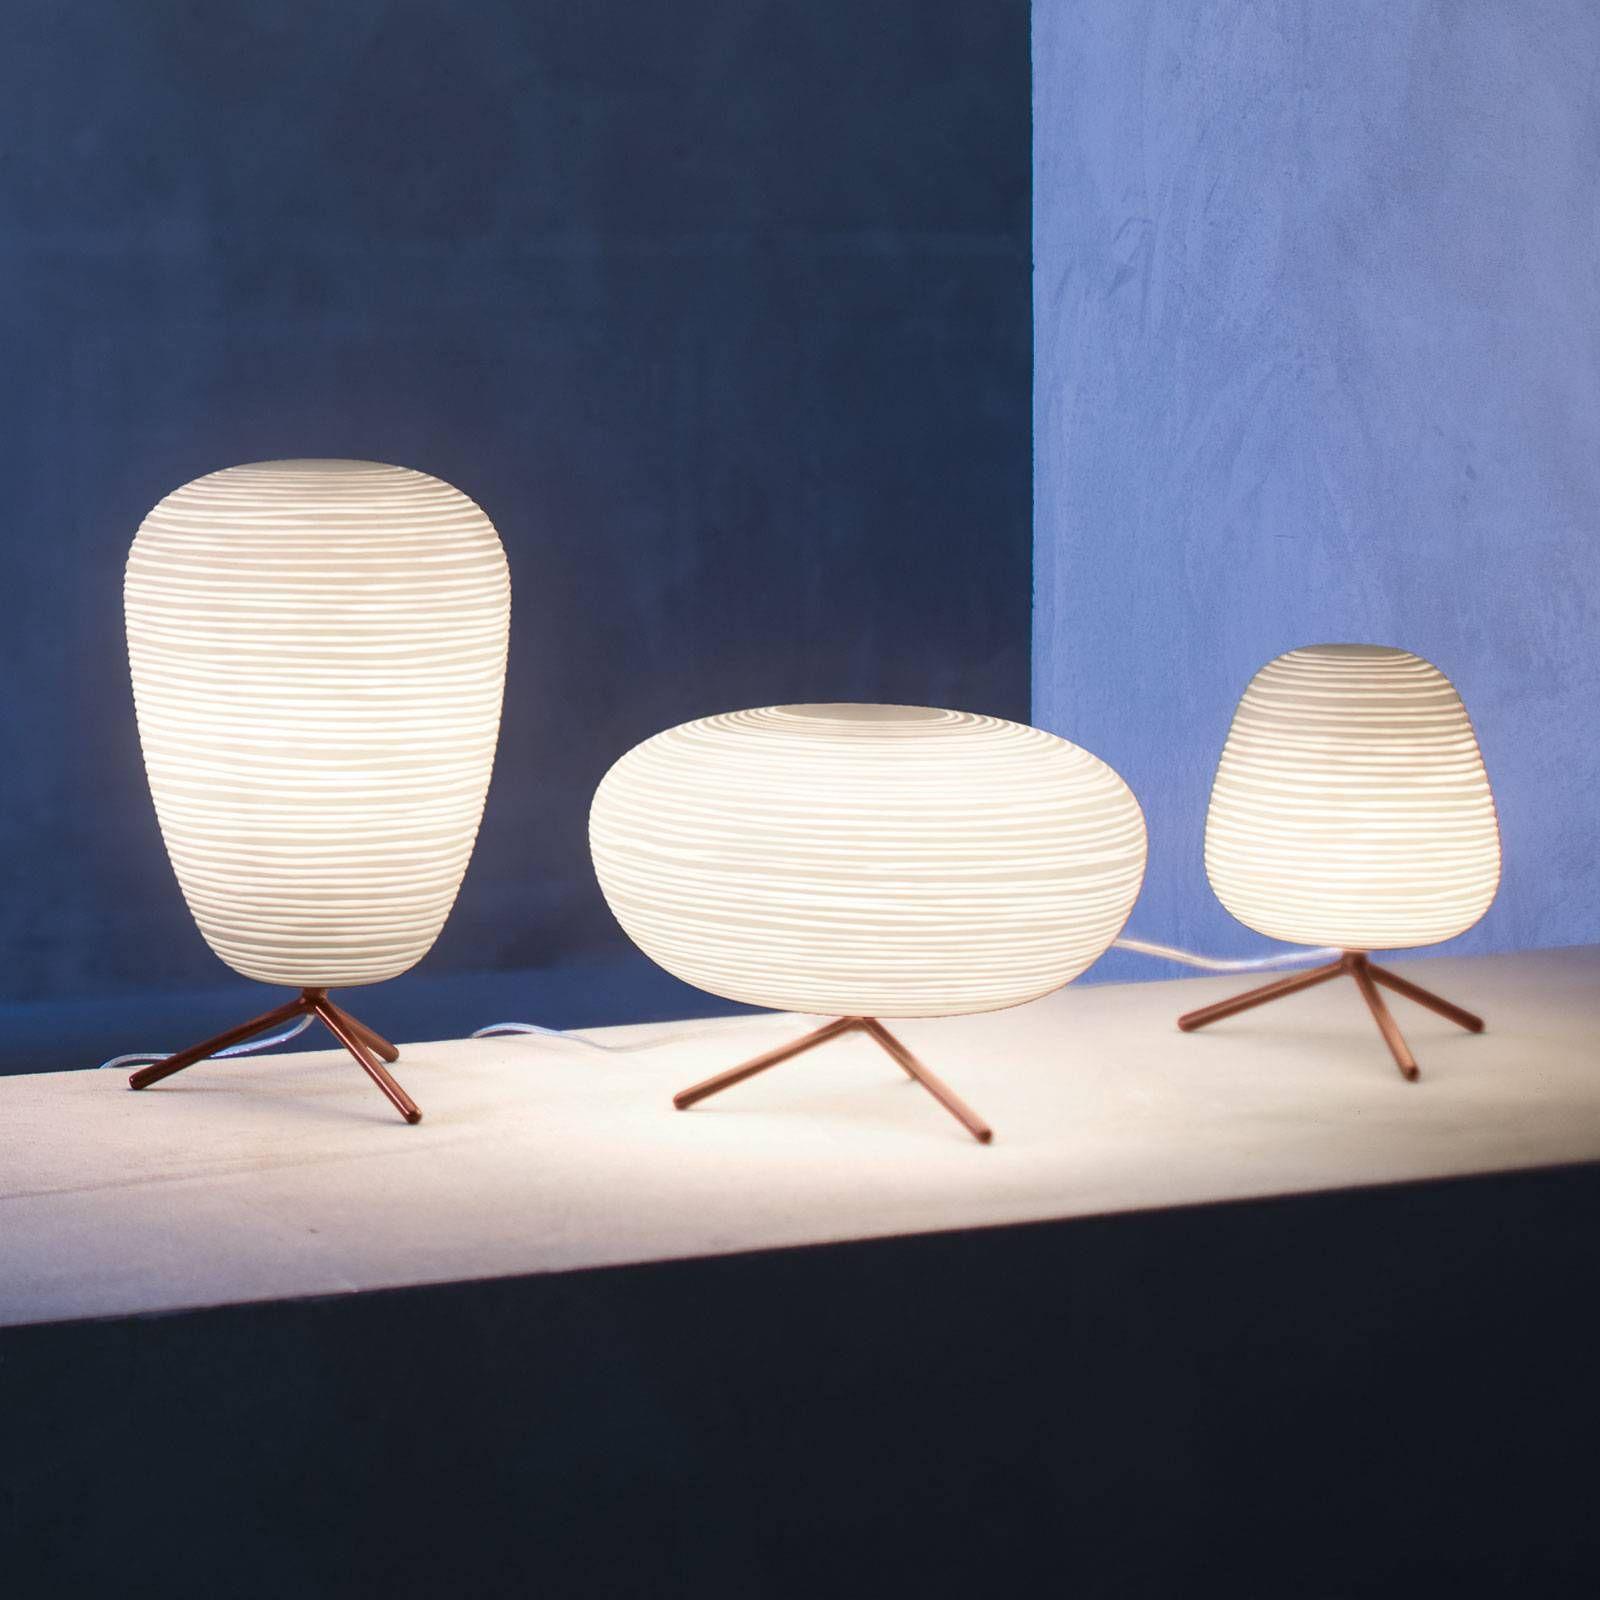 Foscarini Rituals 1 lampada da tavolo con dimmer di FOSCARINI